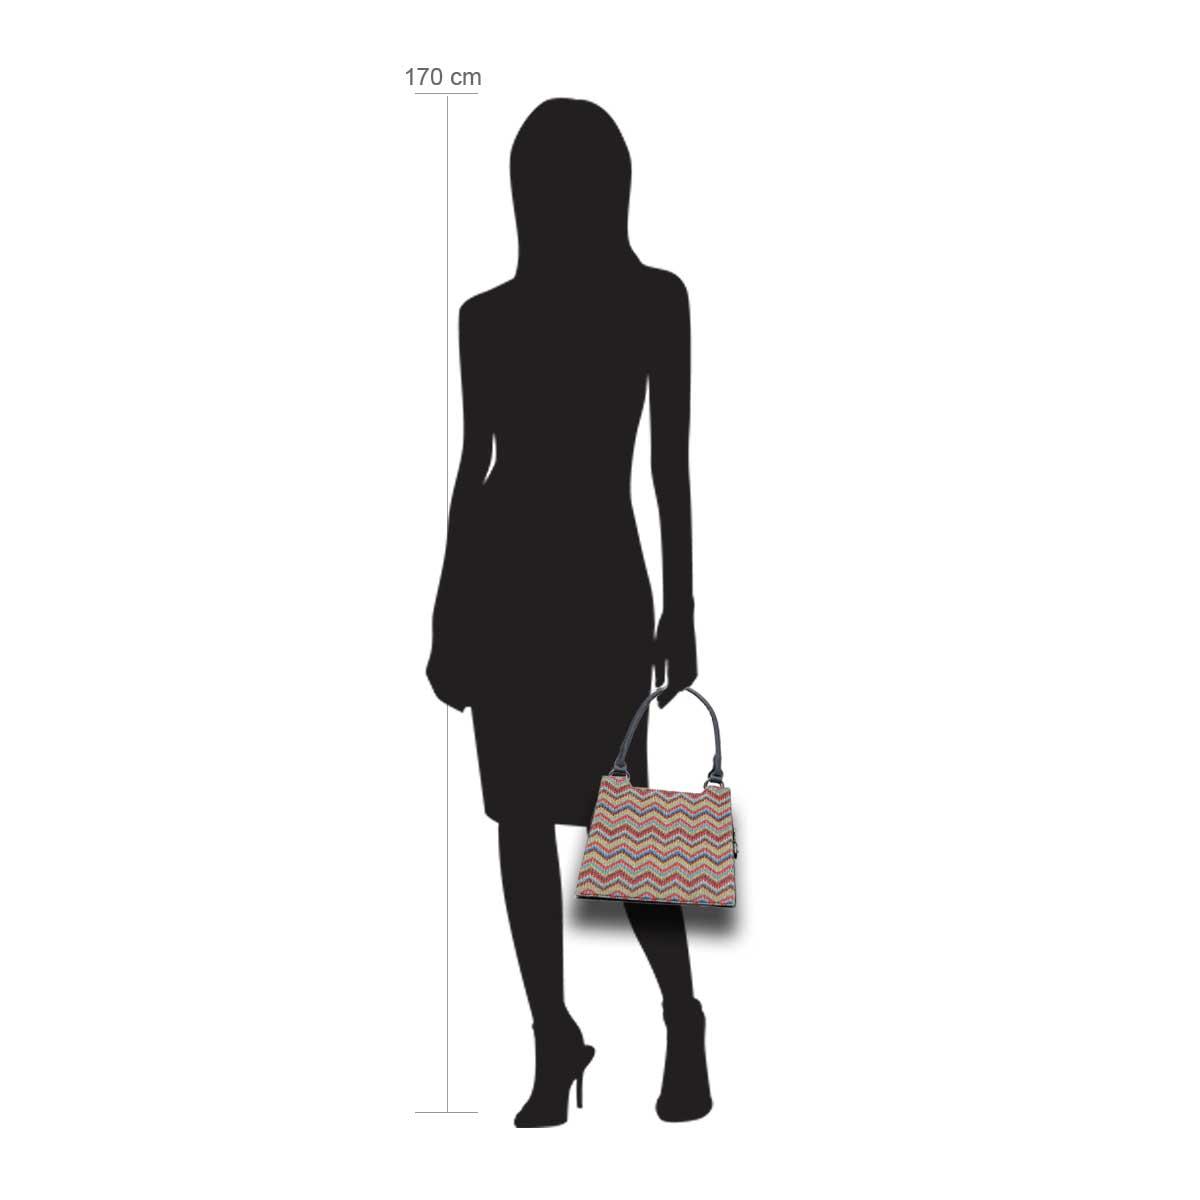 Modellpuppe 170 cm groß zeigt die Handtaschengröße an der Person Modell:Mailand